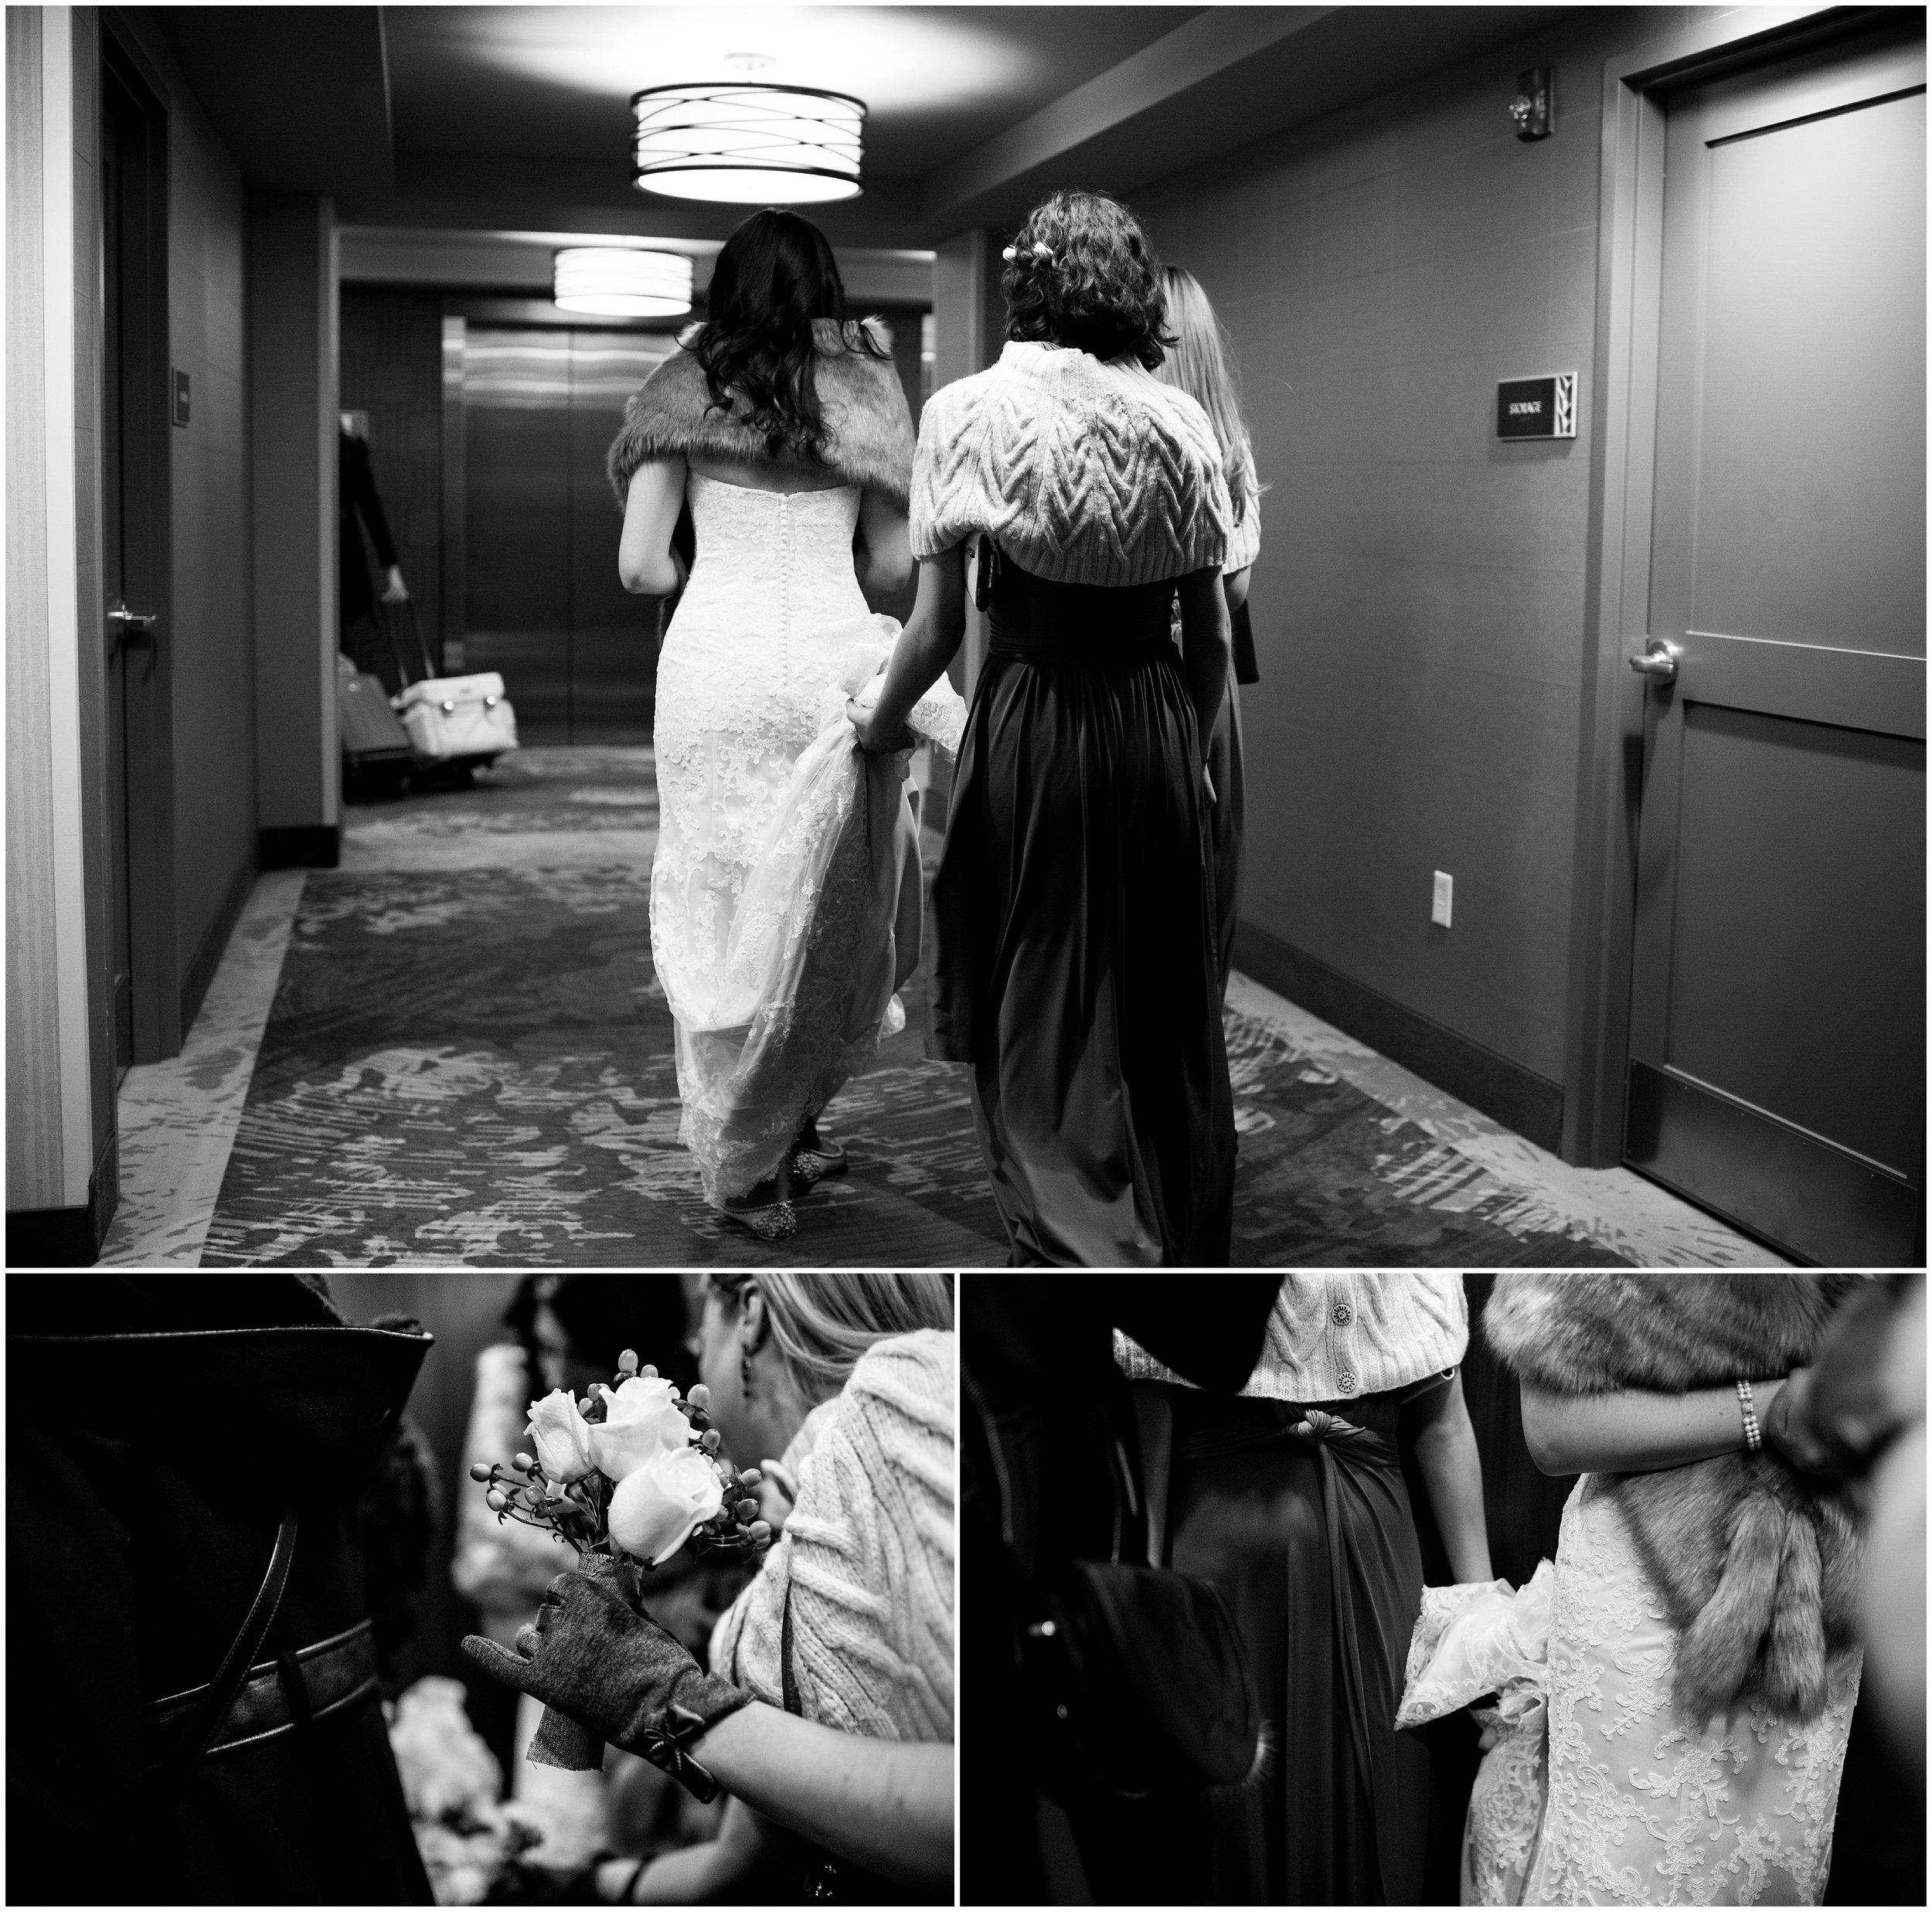 Boston Wedding Photographer, Iryna's Photography. Saratoga Springs, NY Wedding. Best Boston Wedding Photographer.